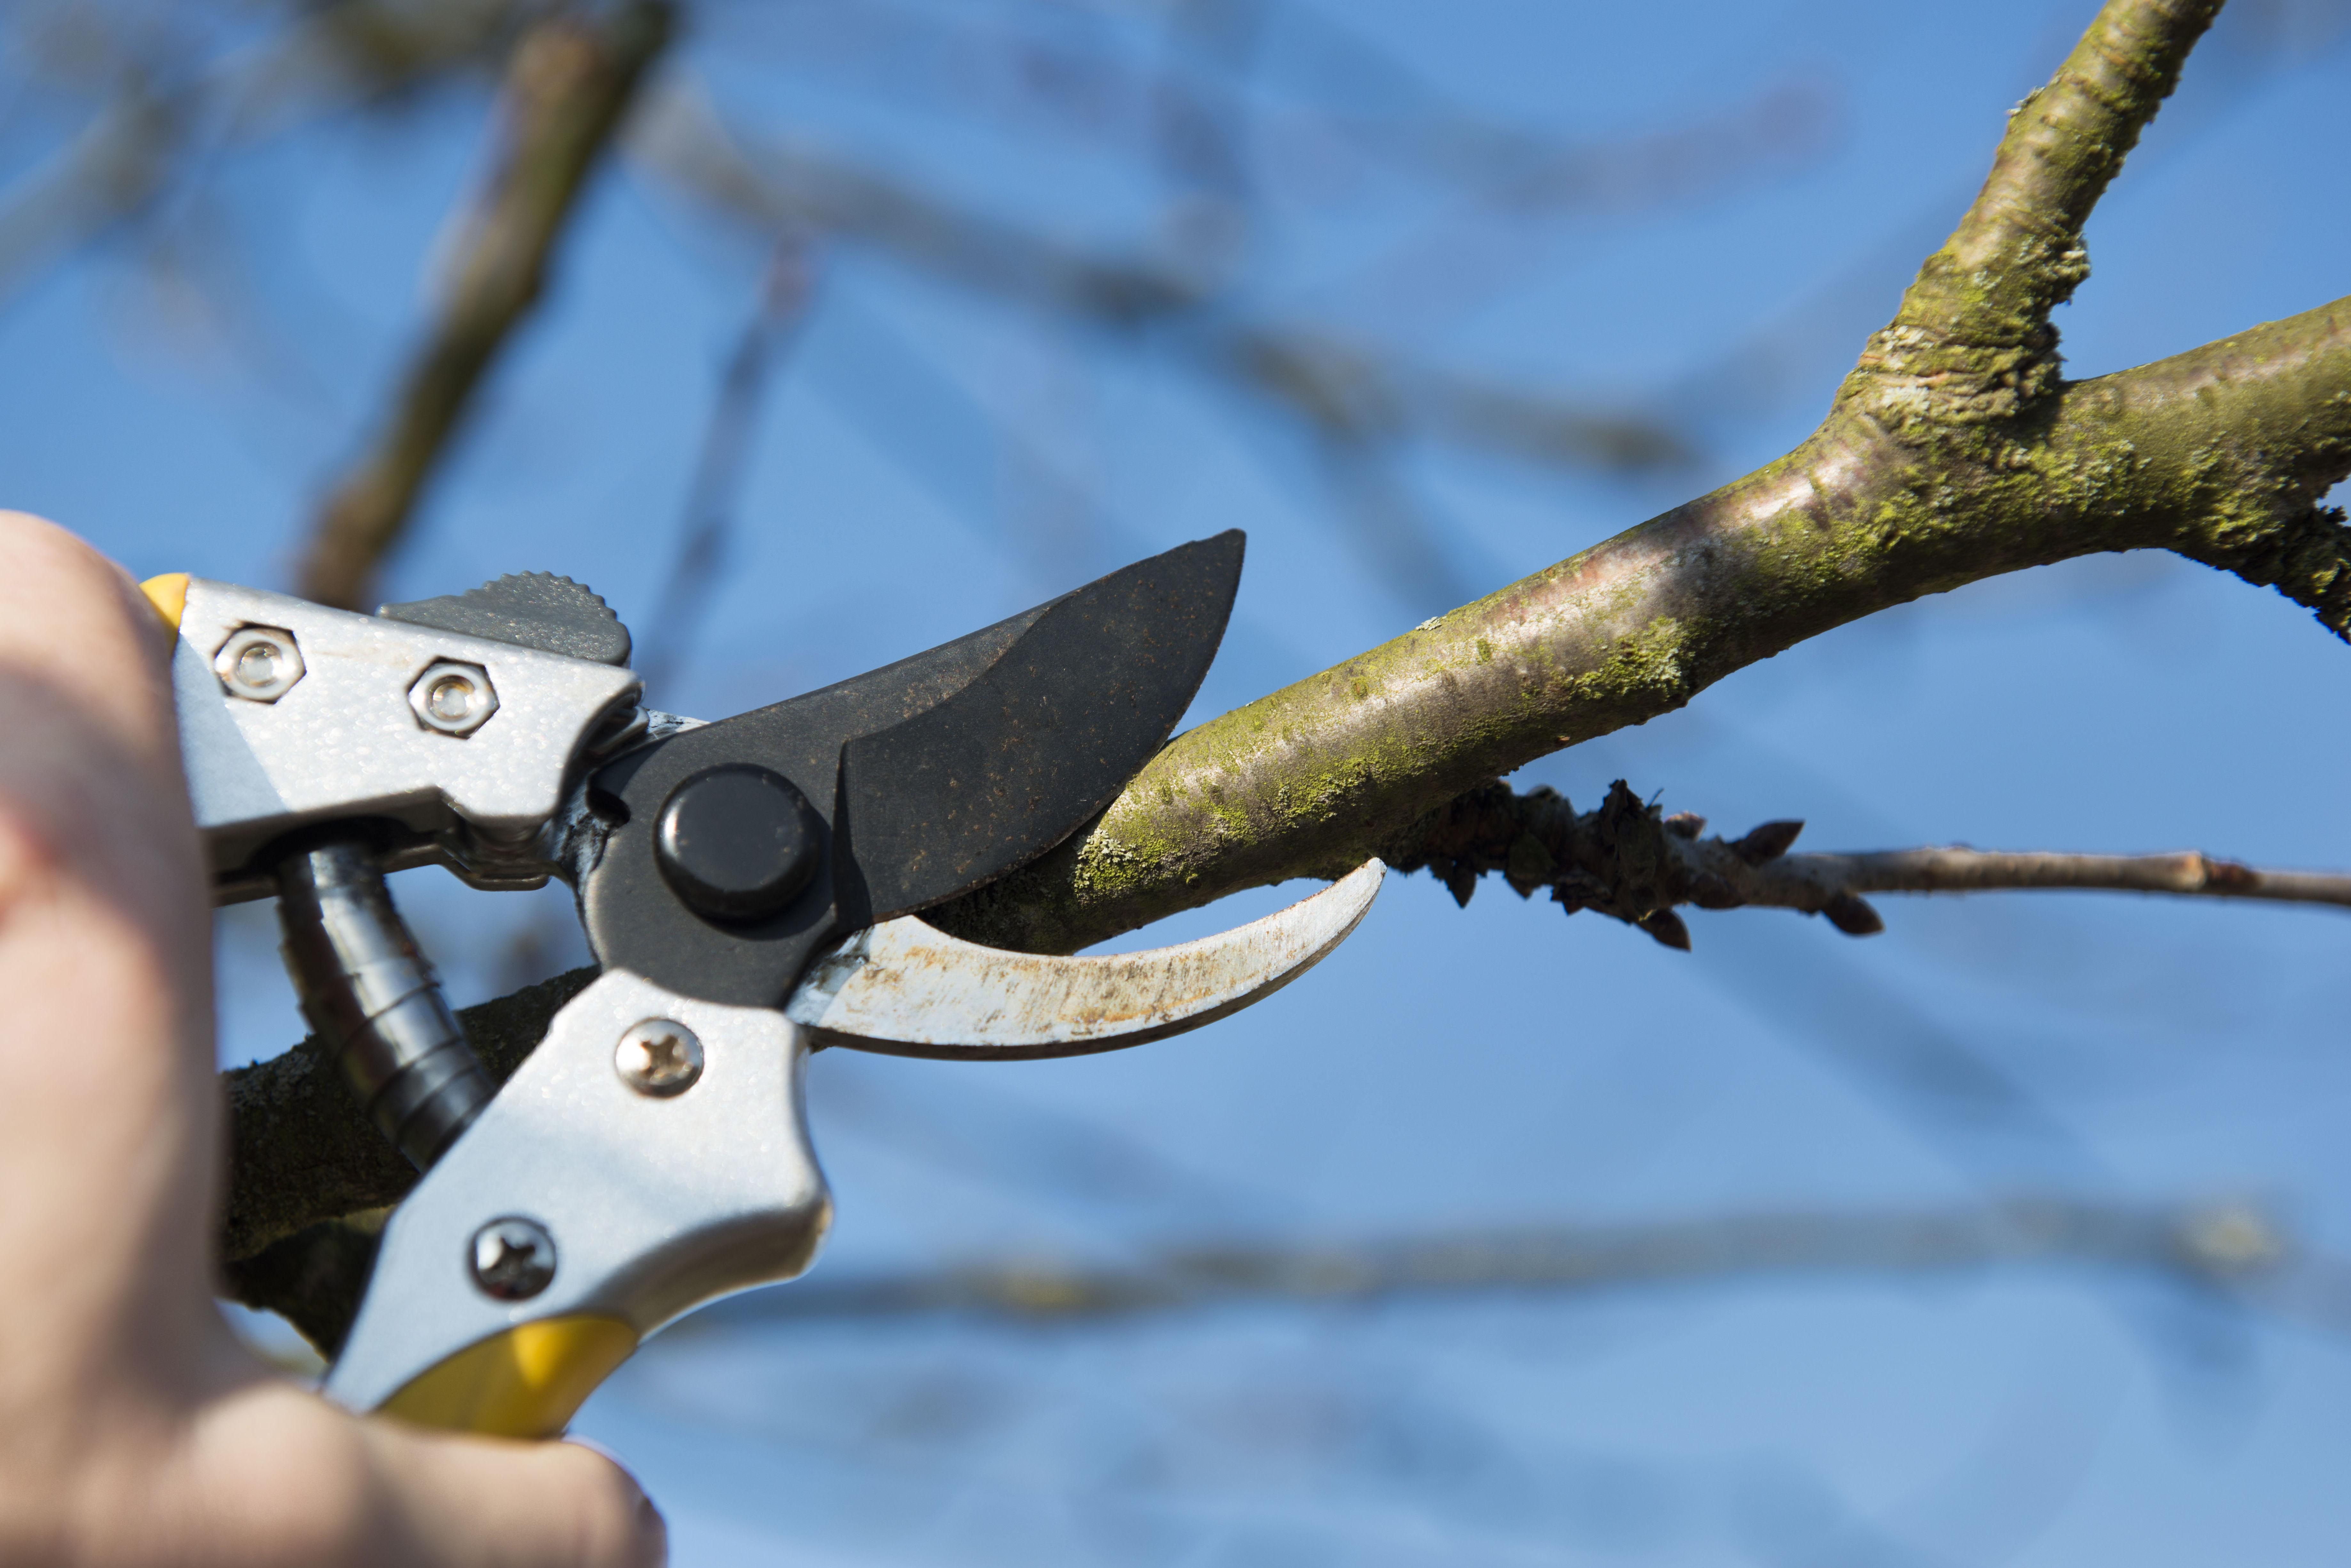 Podas de árboles : Servicios  de Jardinería Algarrada